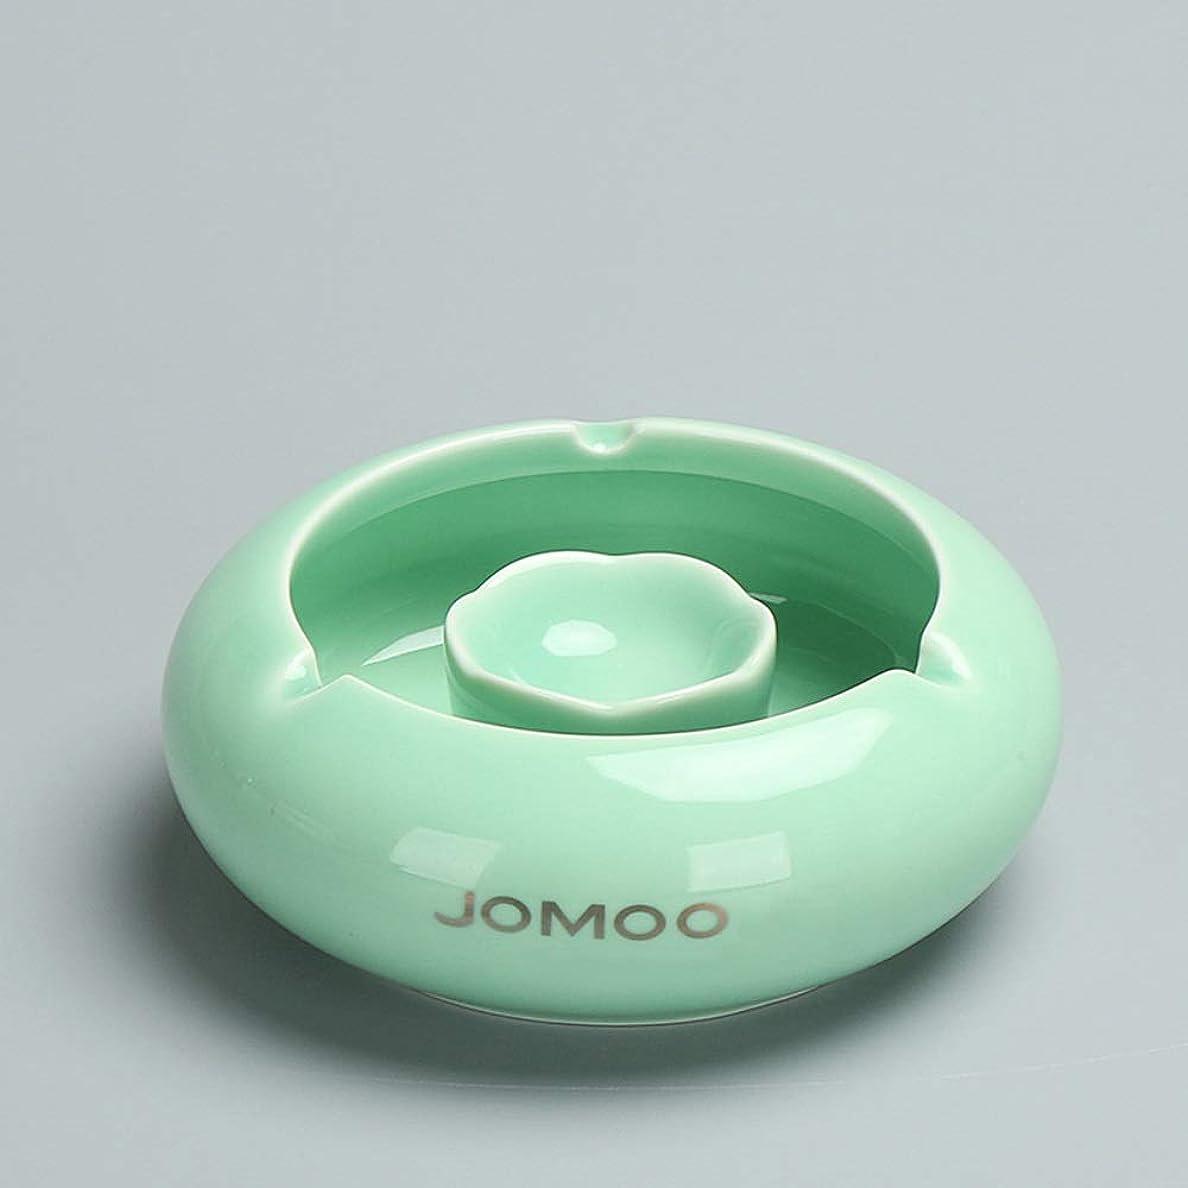 ポジティブお気に入り第五タバコ、ギフトおよび総本店の装飾のための灰皿円形の光沢のあるセラミック灰皿 (色 : 緑)